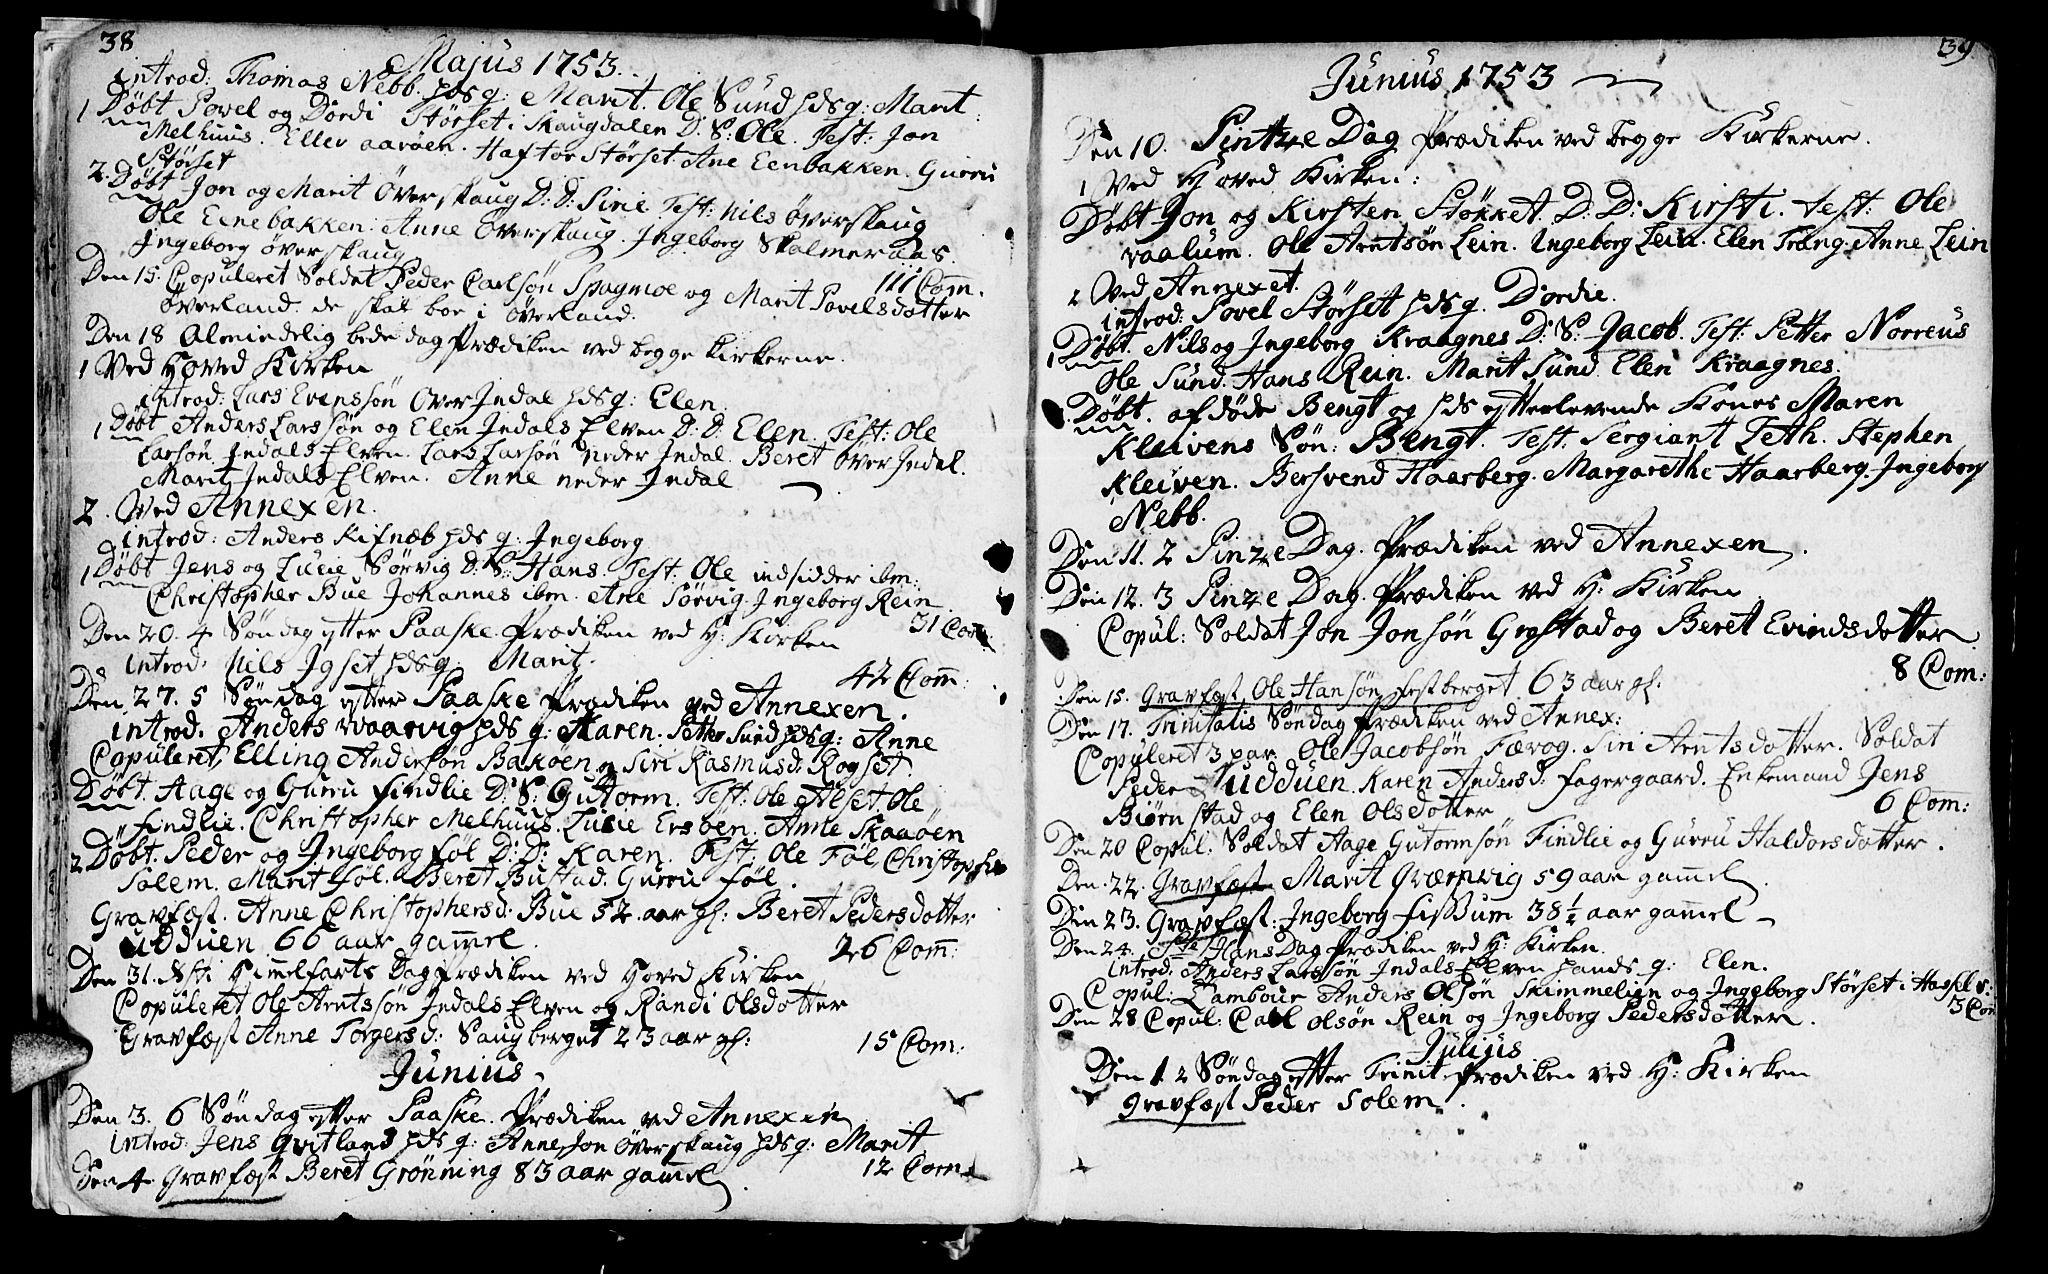 SAT, Ministerialprotokoller, klokkerbøker og fødselsregistre - Sør-Trøndelag, 646/L0605: Ministerialbok nr. 646A03, 1751-1790, s. 38-39